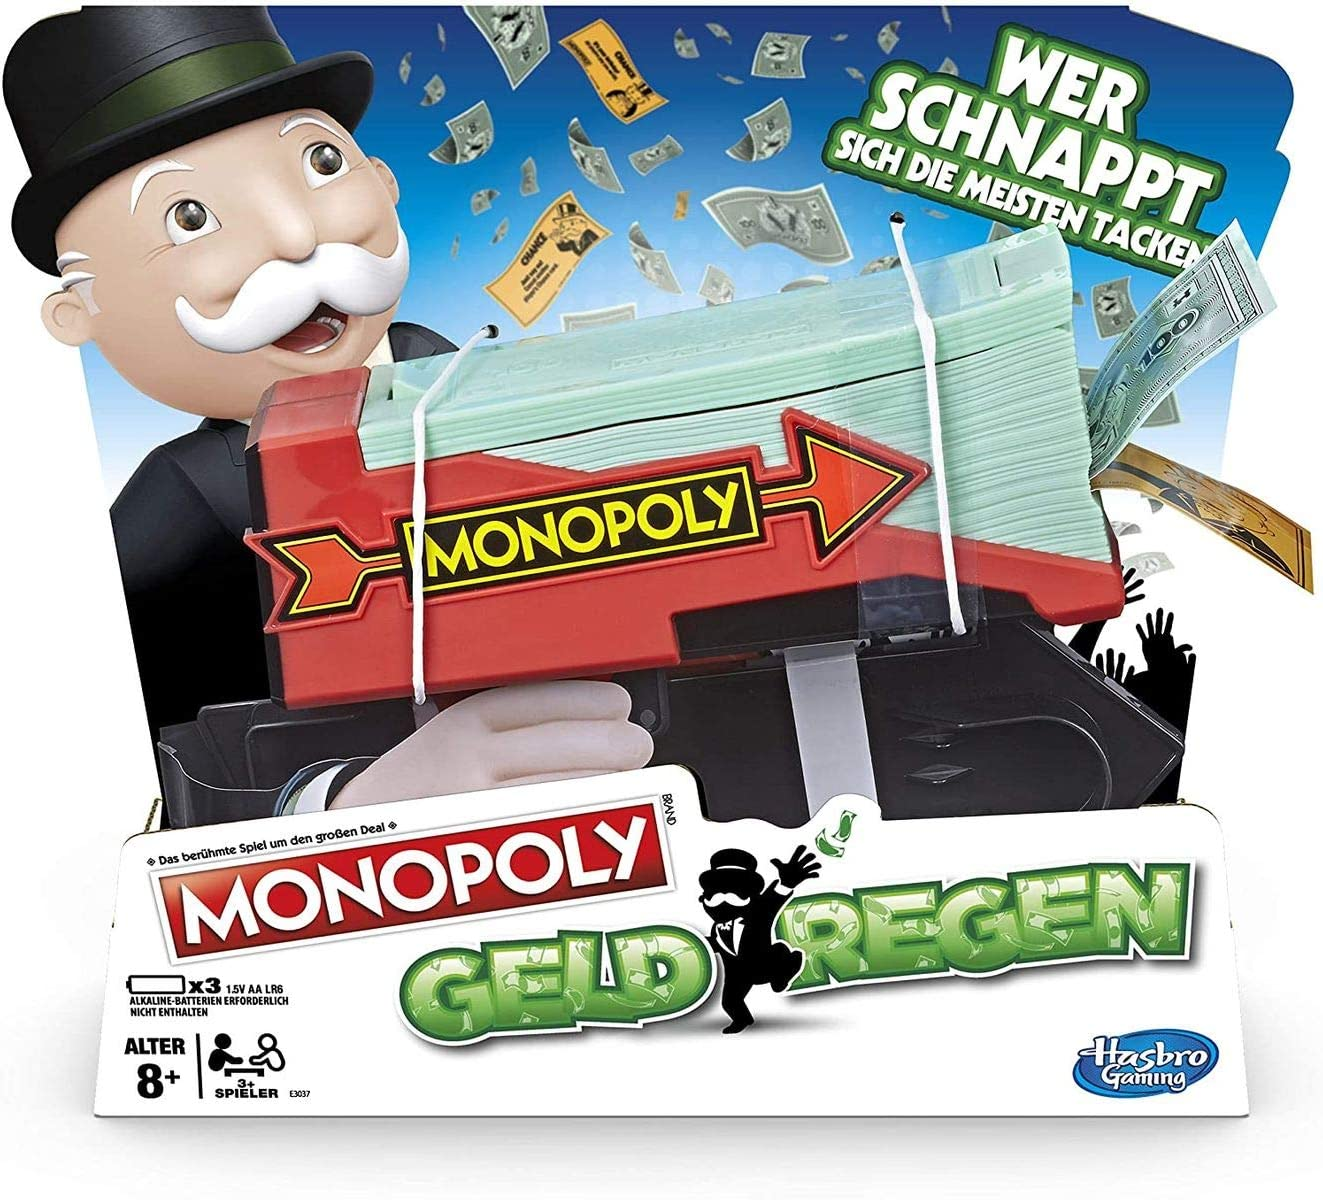 Hasbro Monopoly Cash Grab Game Estuche de Juego - Juegos y Juguetes de Habilidad/Activos (Estuche de Juego, Negro, Rojo, De plástico, 8 año(s), Adultos y niños, Niño/niña): Amazon.es: Juguetes y juegos